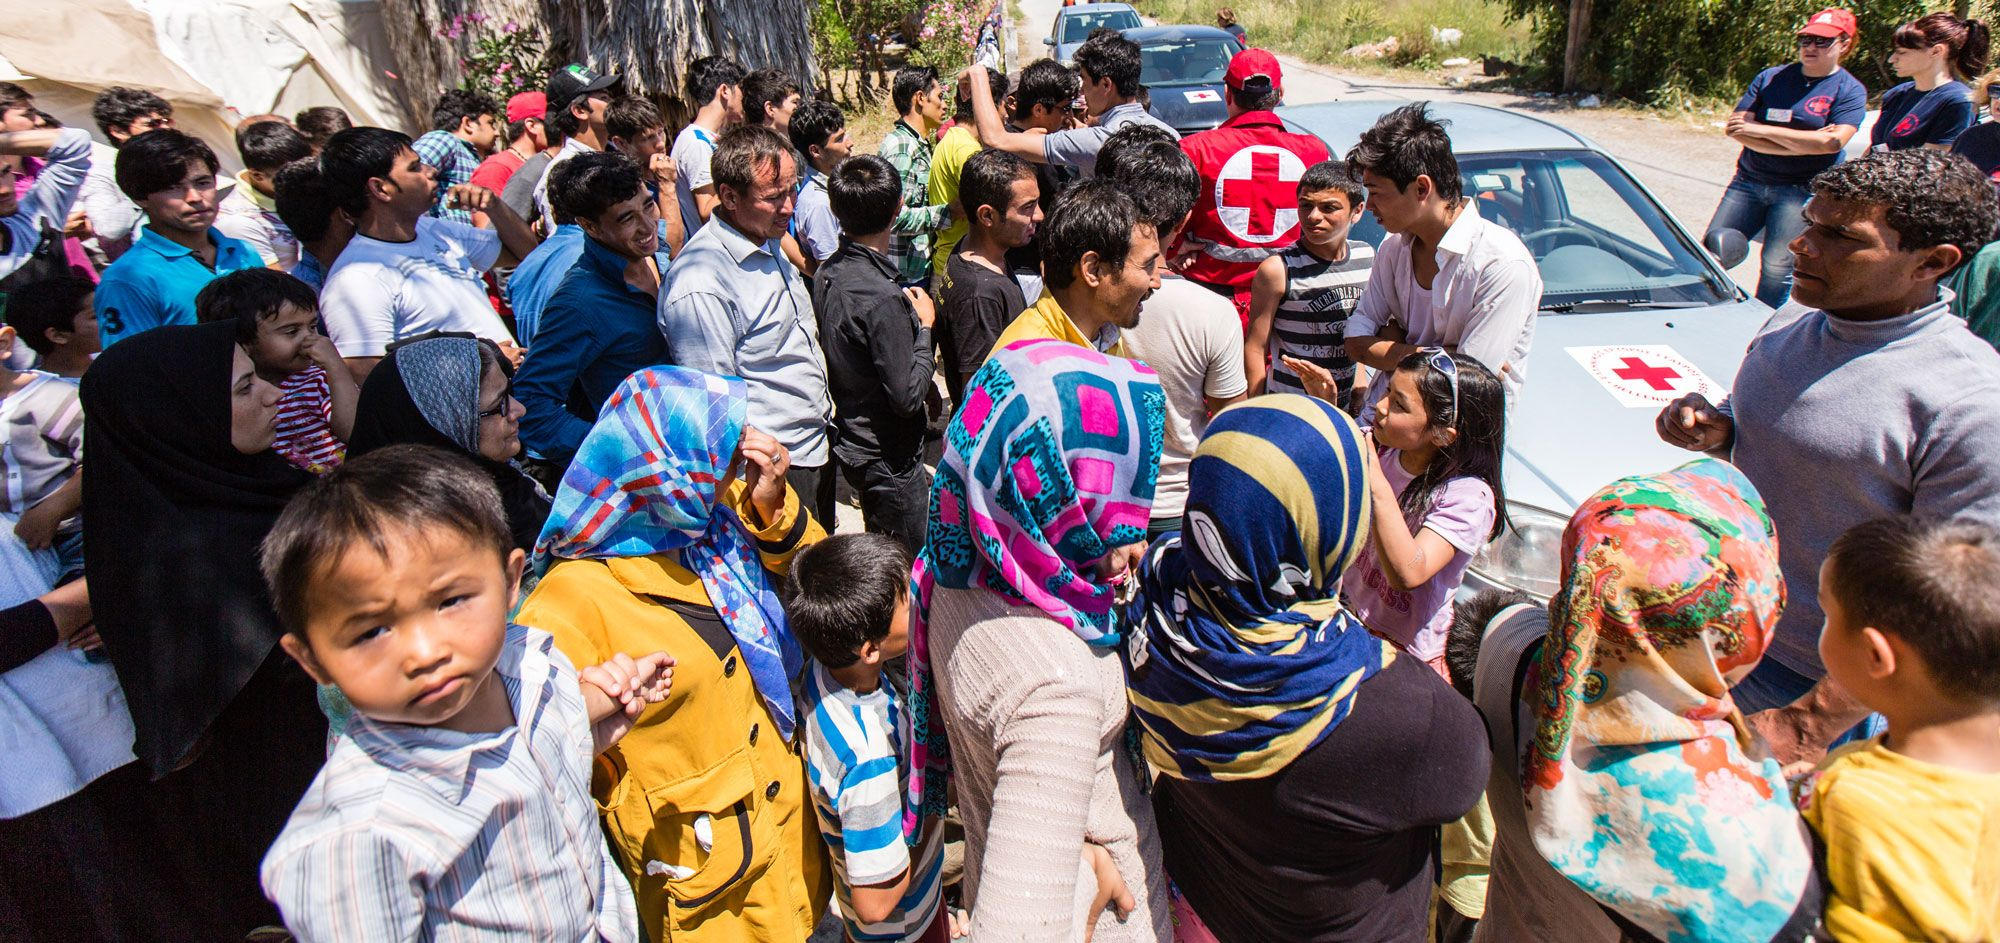 Støt og hjælp flygtningebørn! | Røde Kors